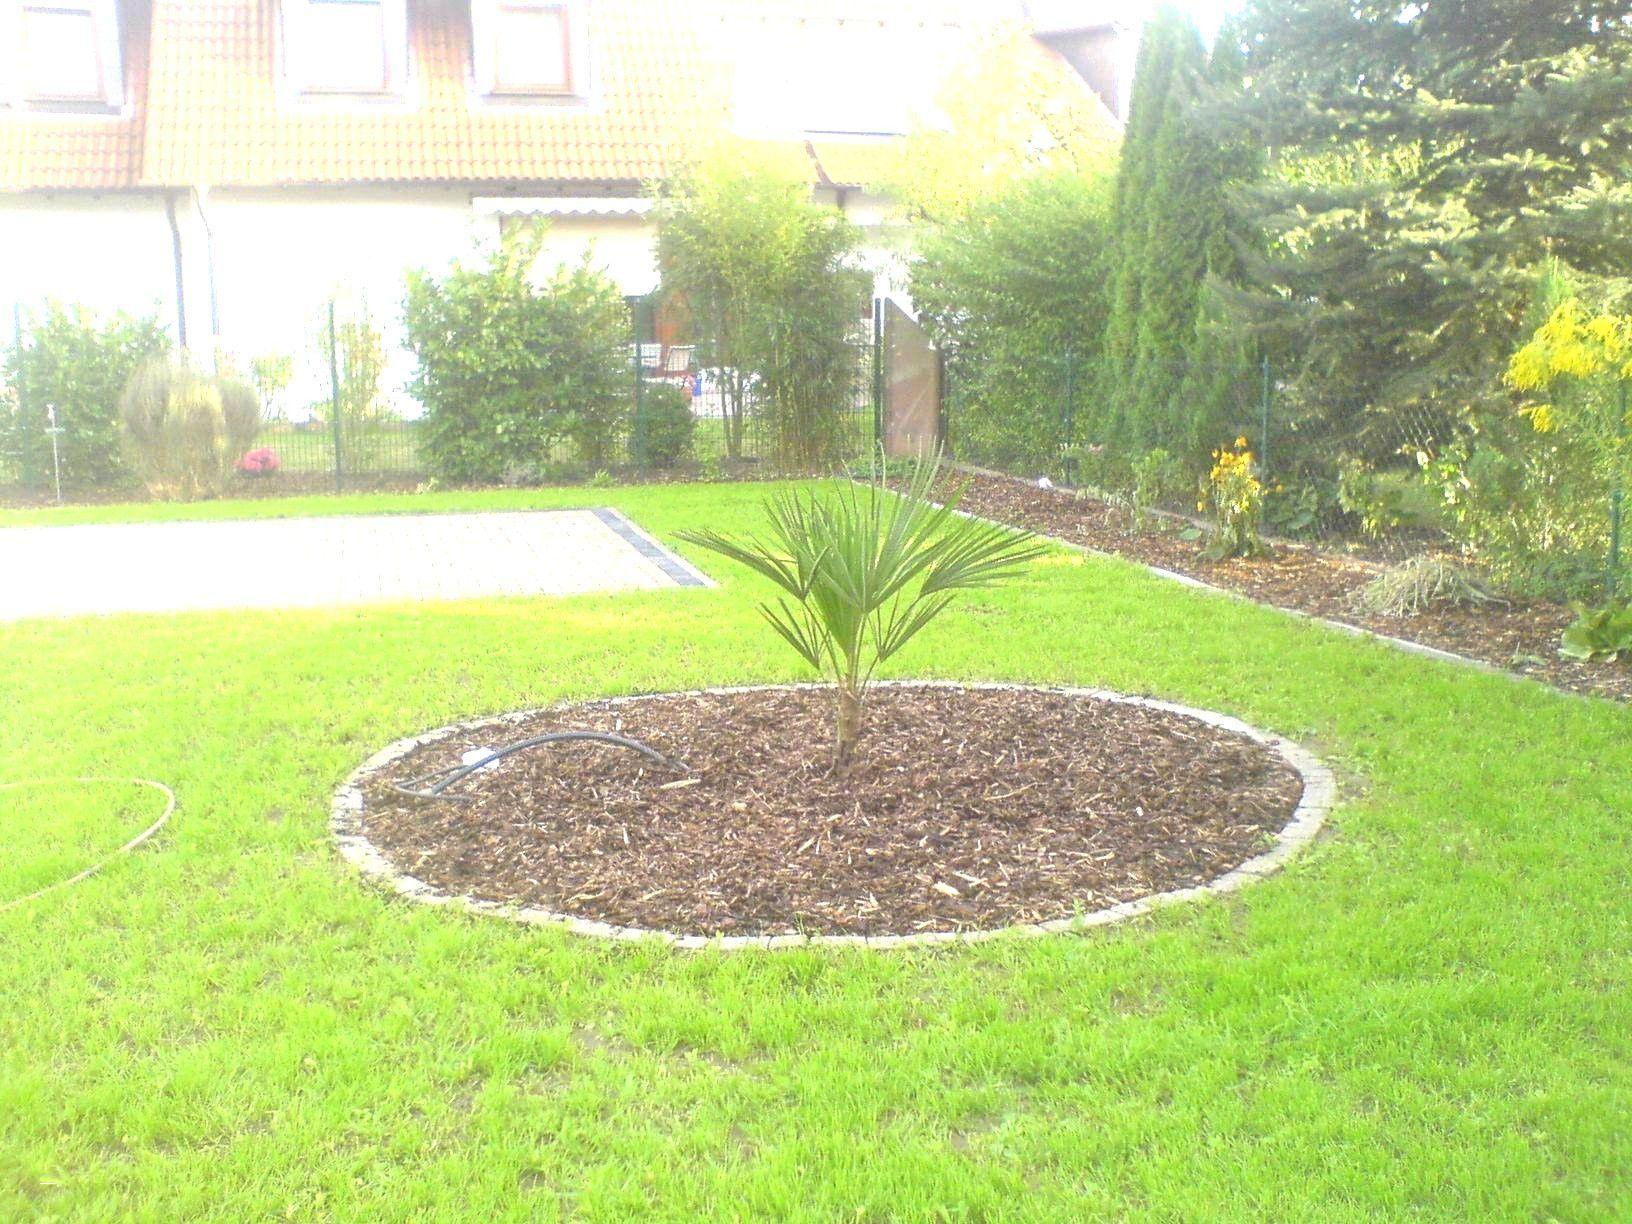 Ideen 45 Zum Feuerstelle Garten Bauen Pflegeleichter Garten Kleiner Garten Garten